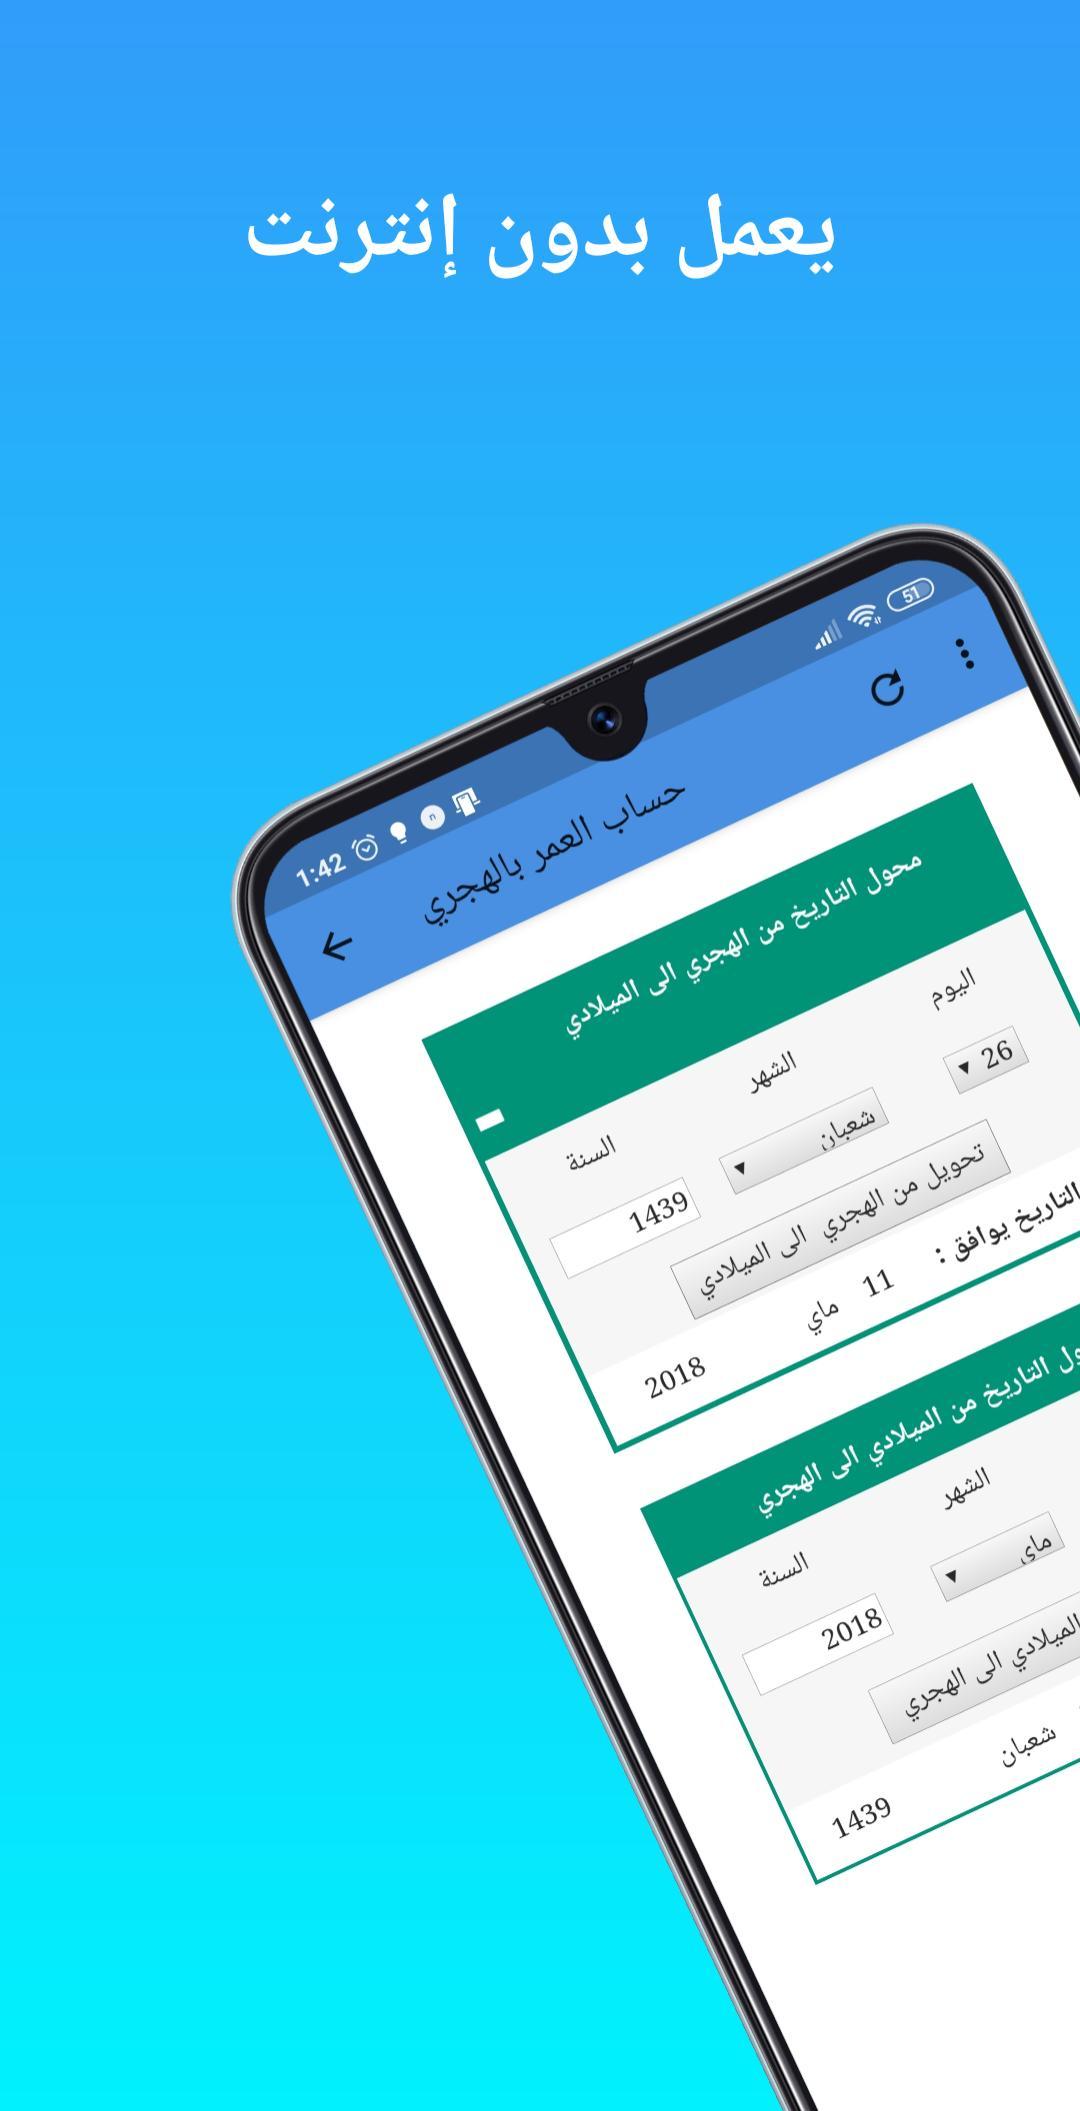 محول تاريخ الميلاد تحويل بالهجري والميلادي For Android Apk Download